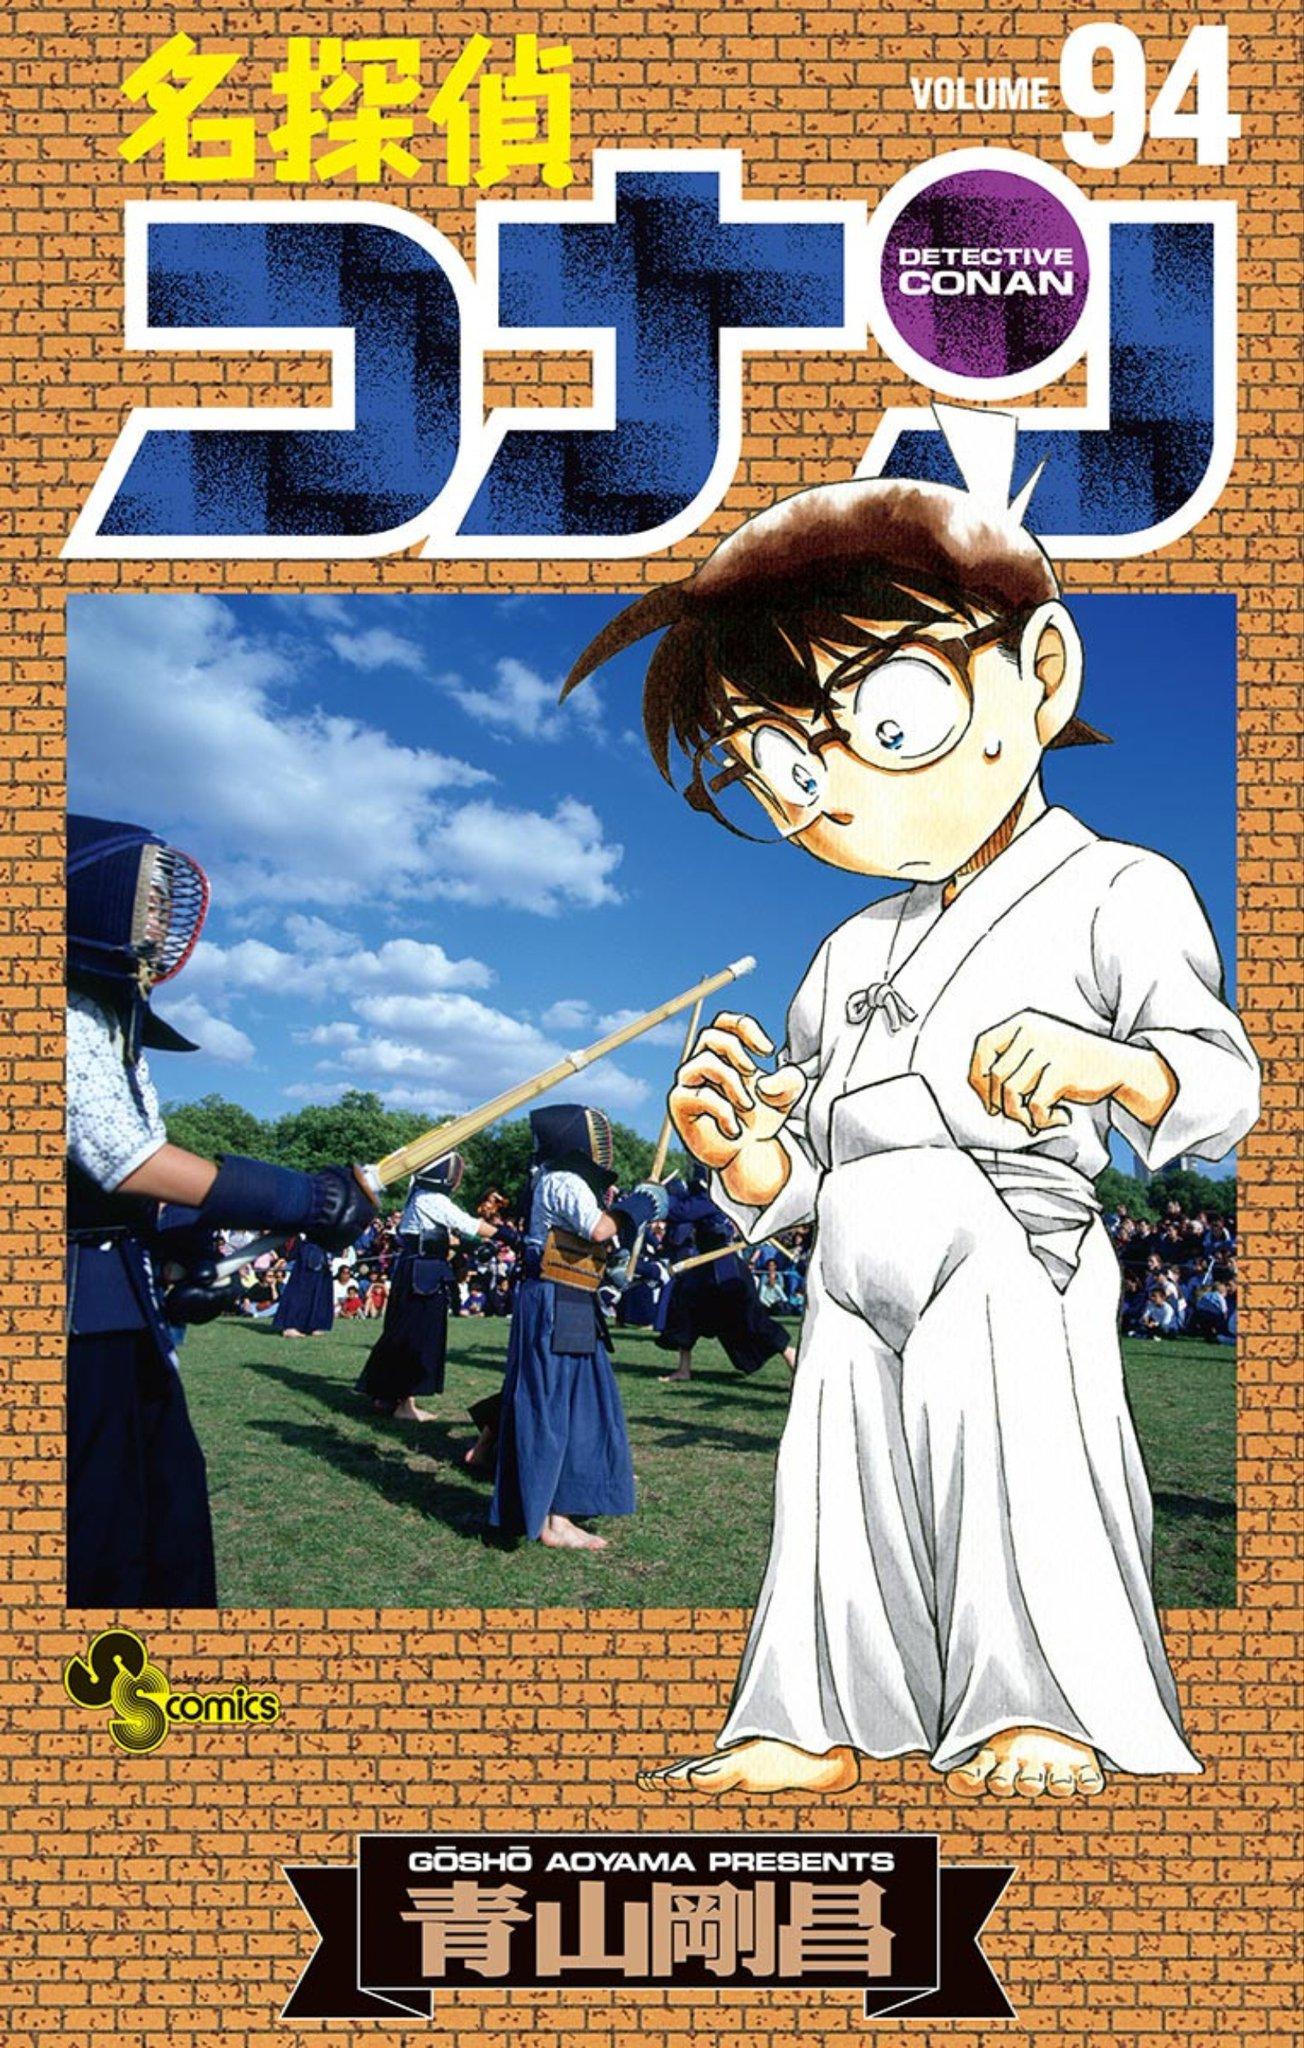 Risultati immagini per detective conan manga 2018